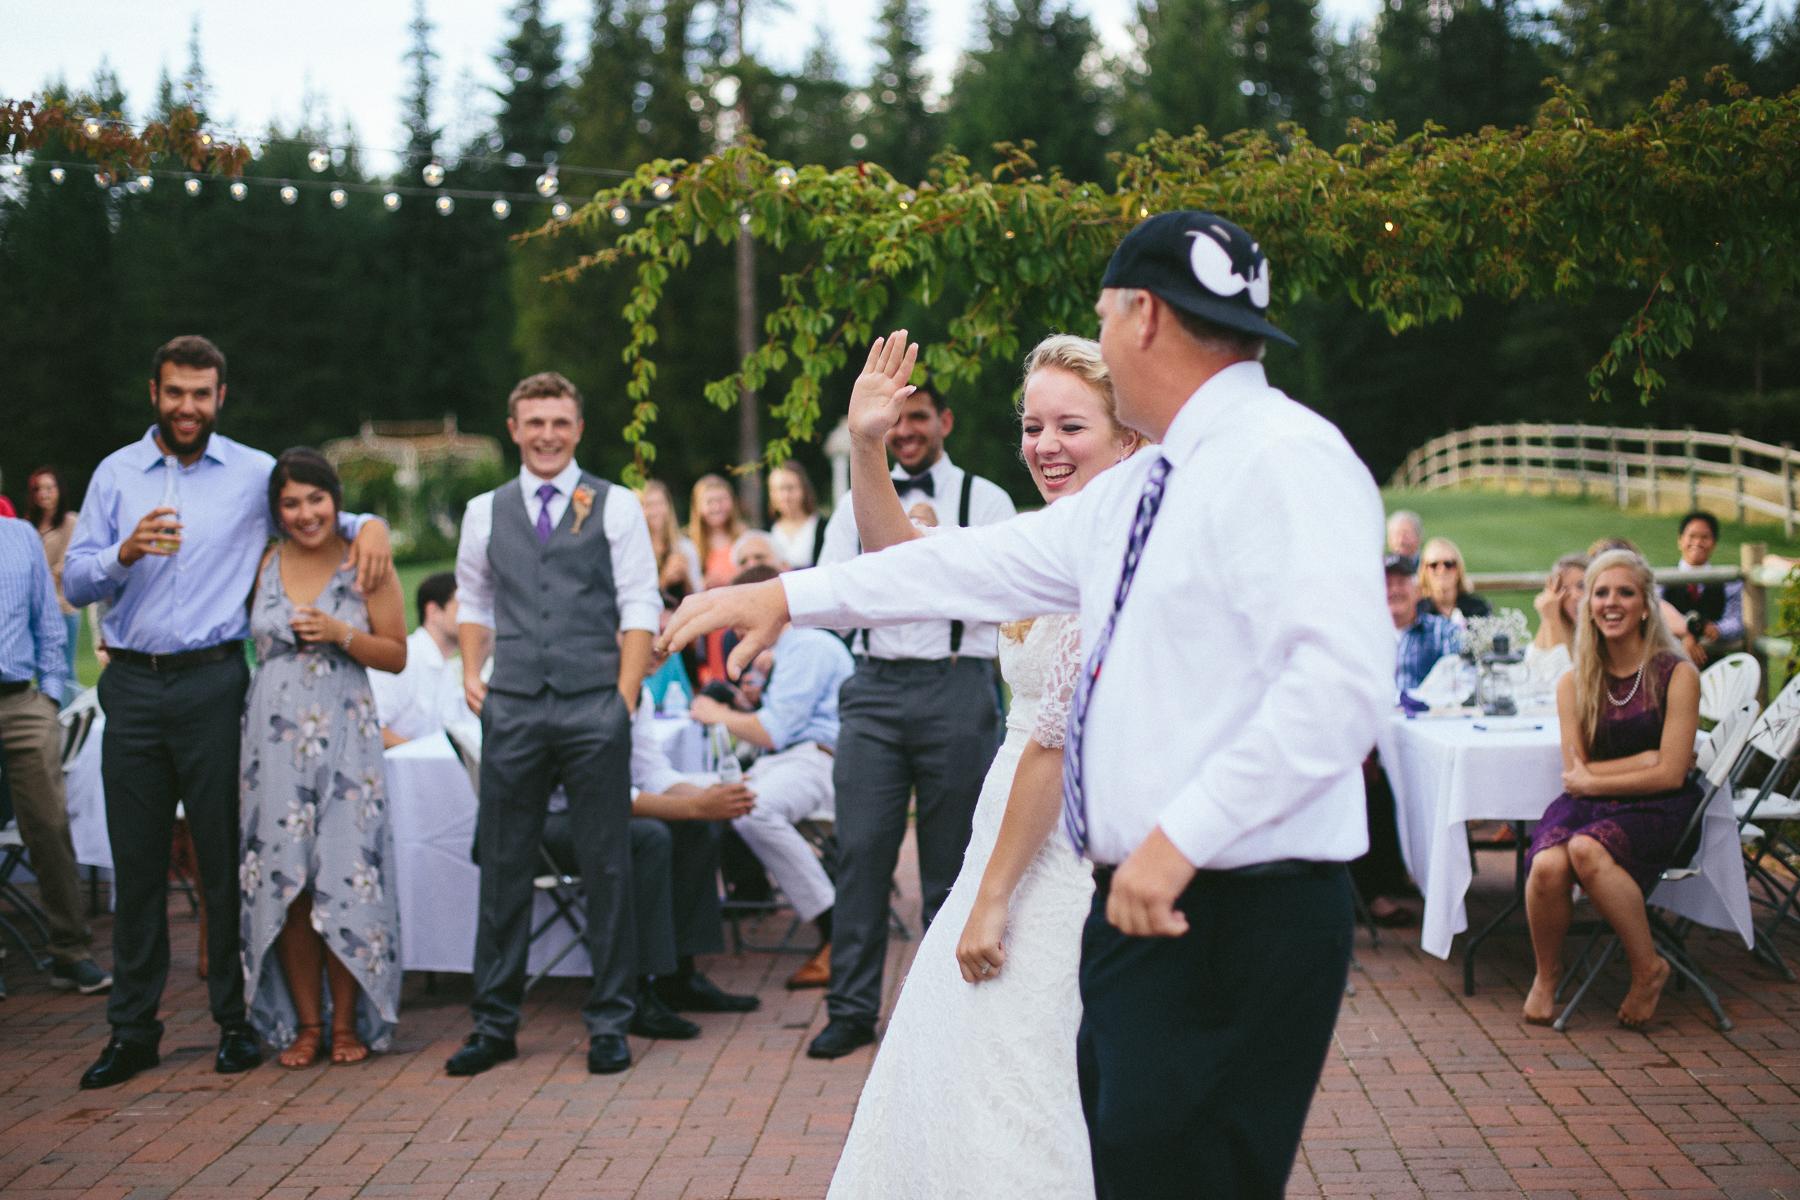 20160708-hodgsonwedding2-479.jpg